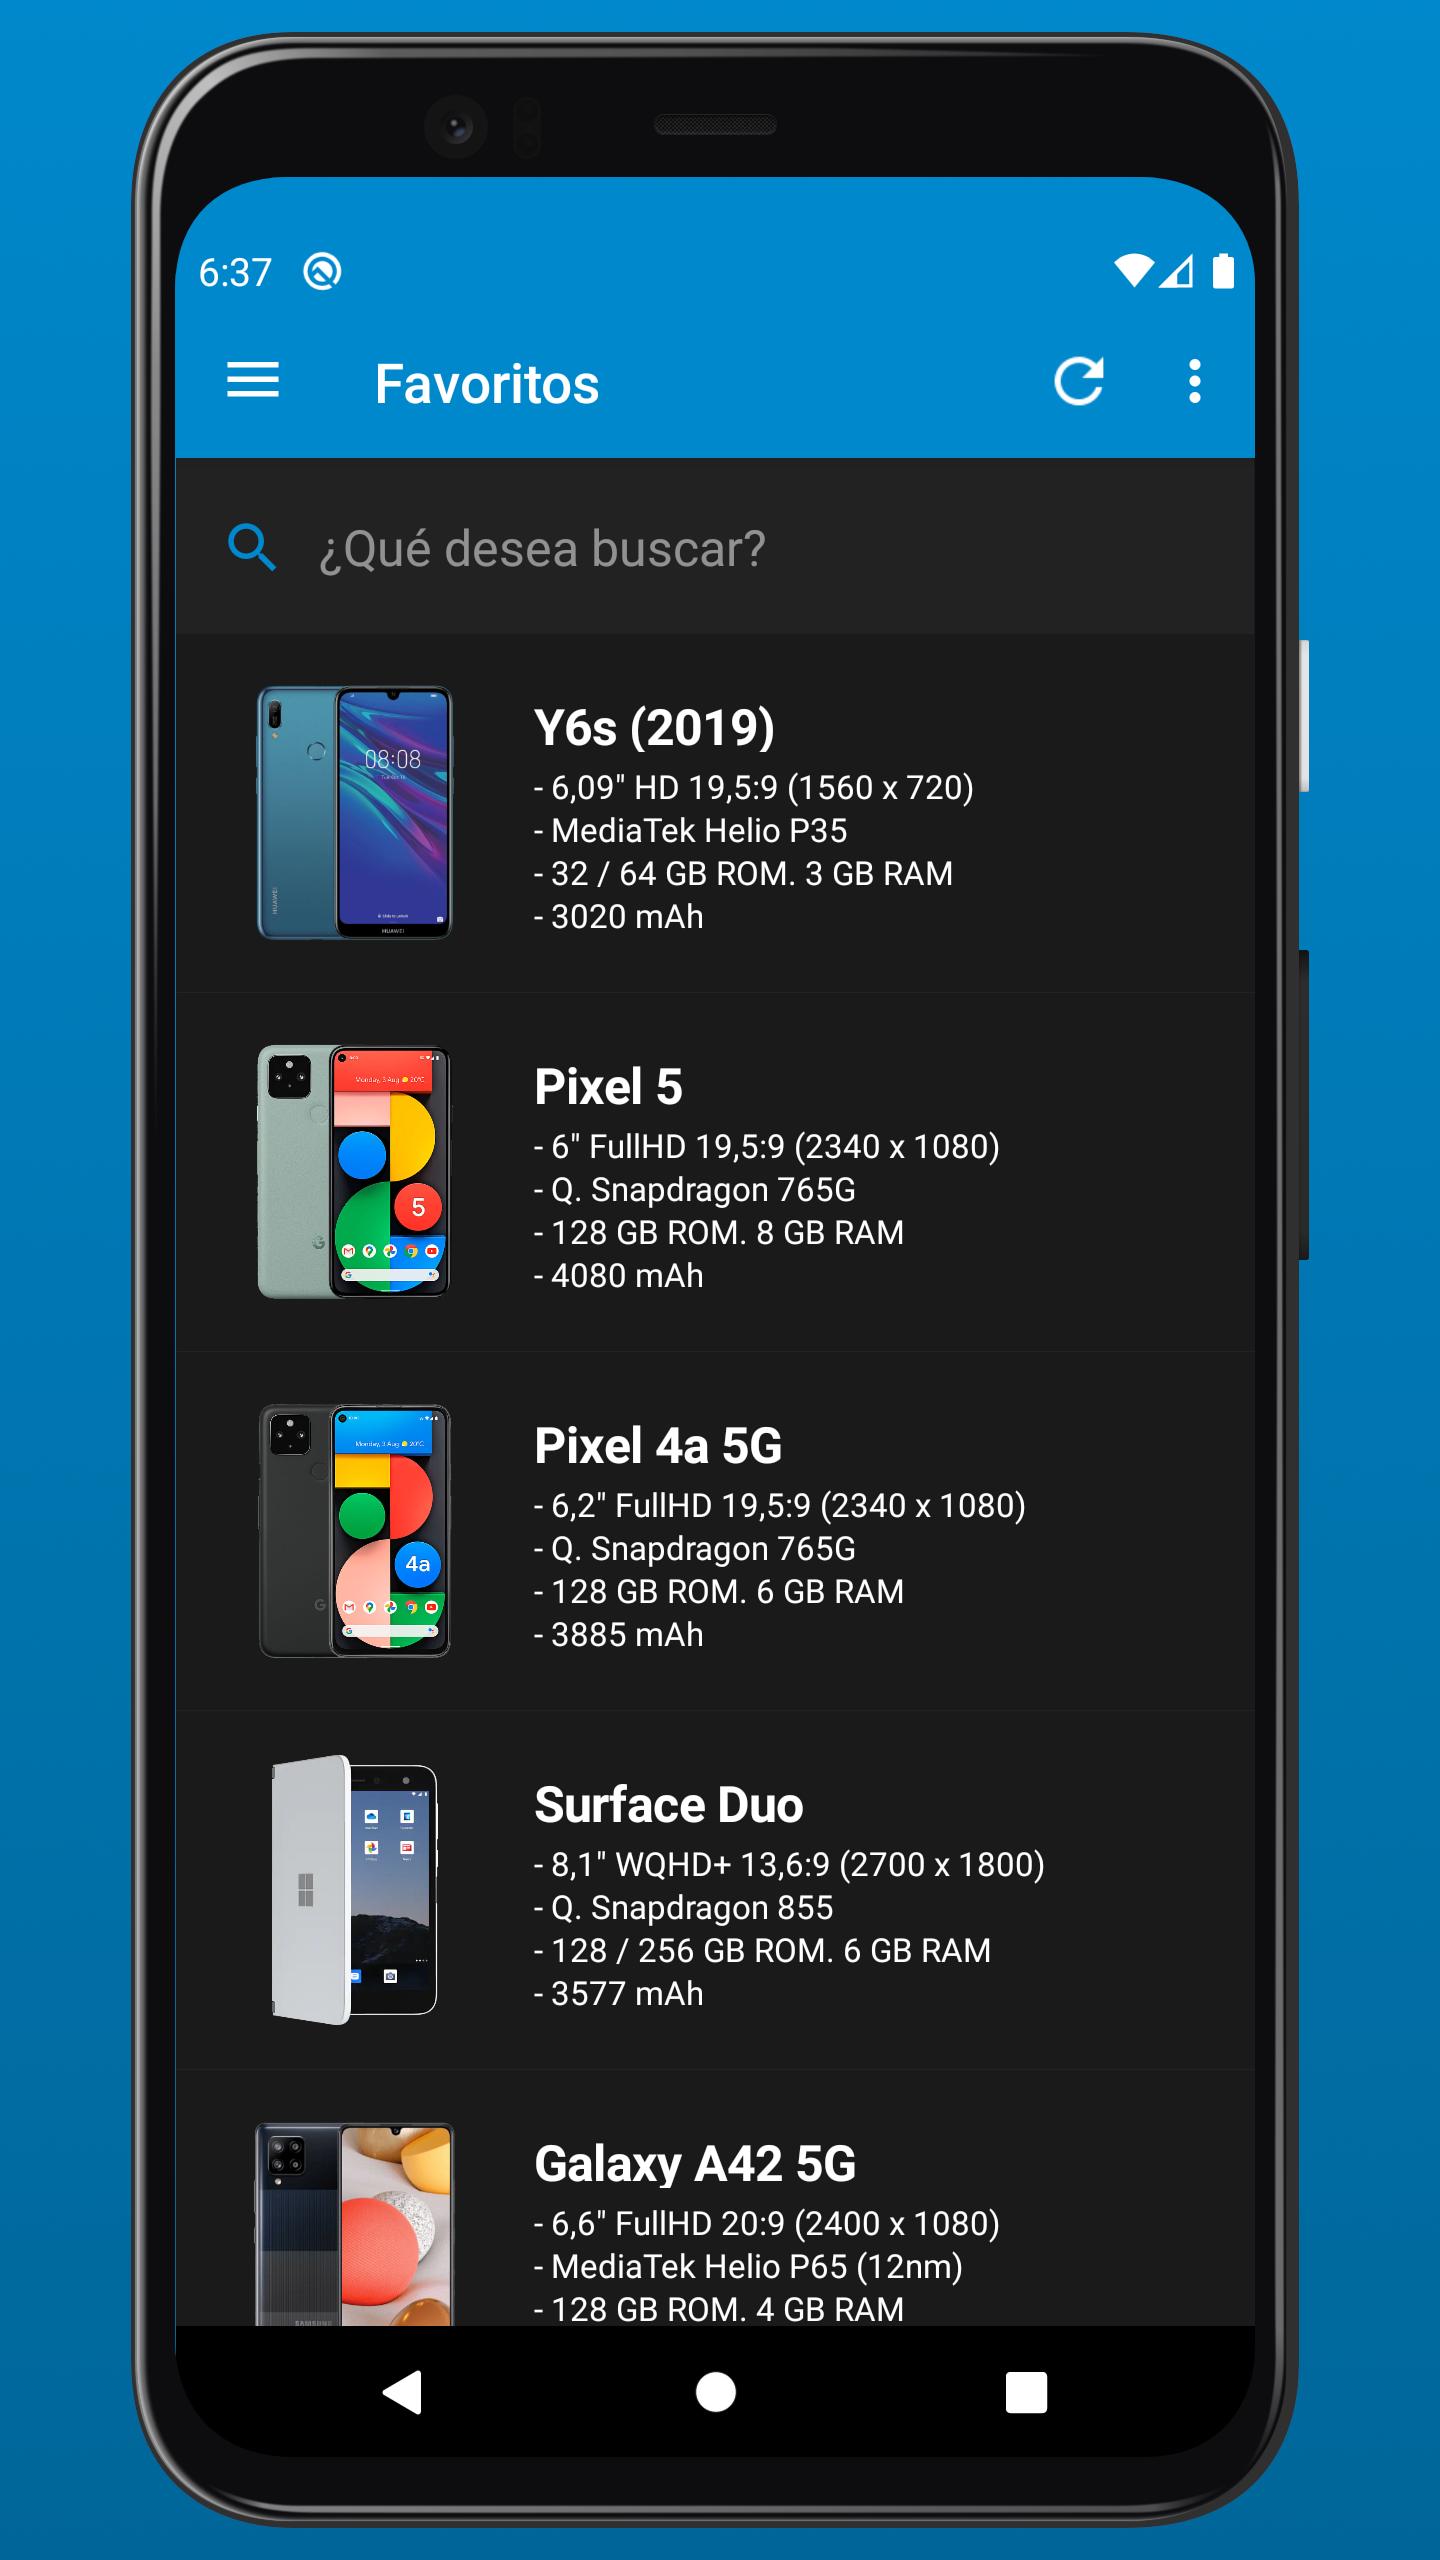 https://uares.blob.core.windows.net/app-mobilestudio/MobileStudio_And_ES_5.png